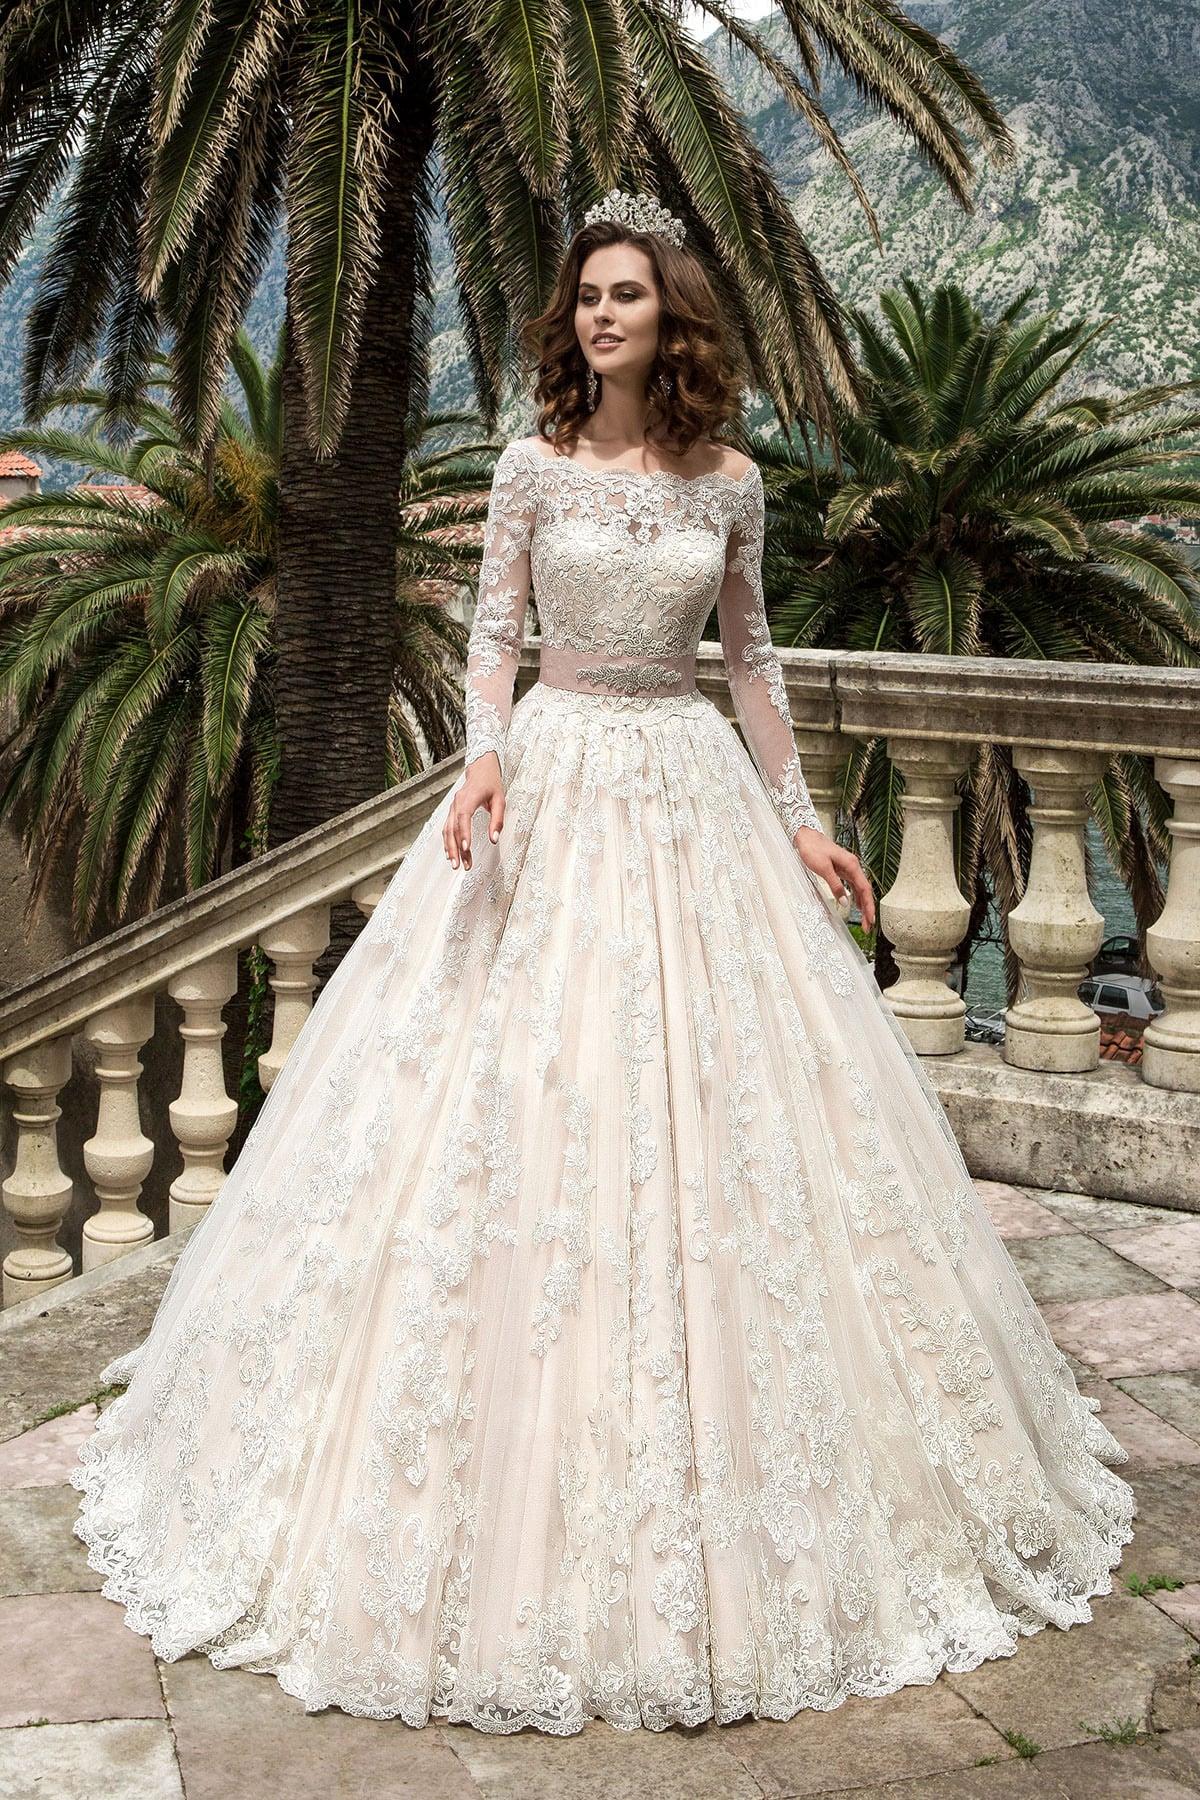 bb92d364a20 Фактурное свадебное платье «трапеция» с притягательным вырезом и длинными  рукавами.